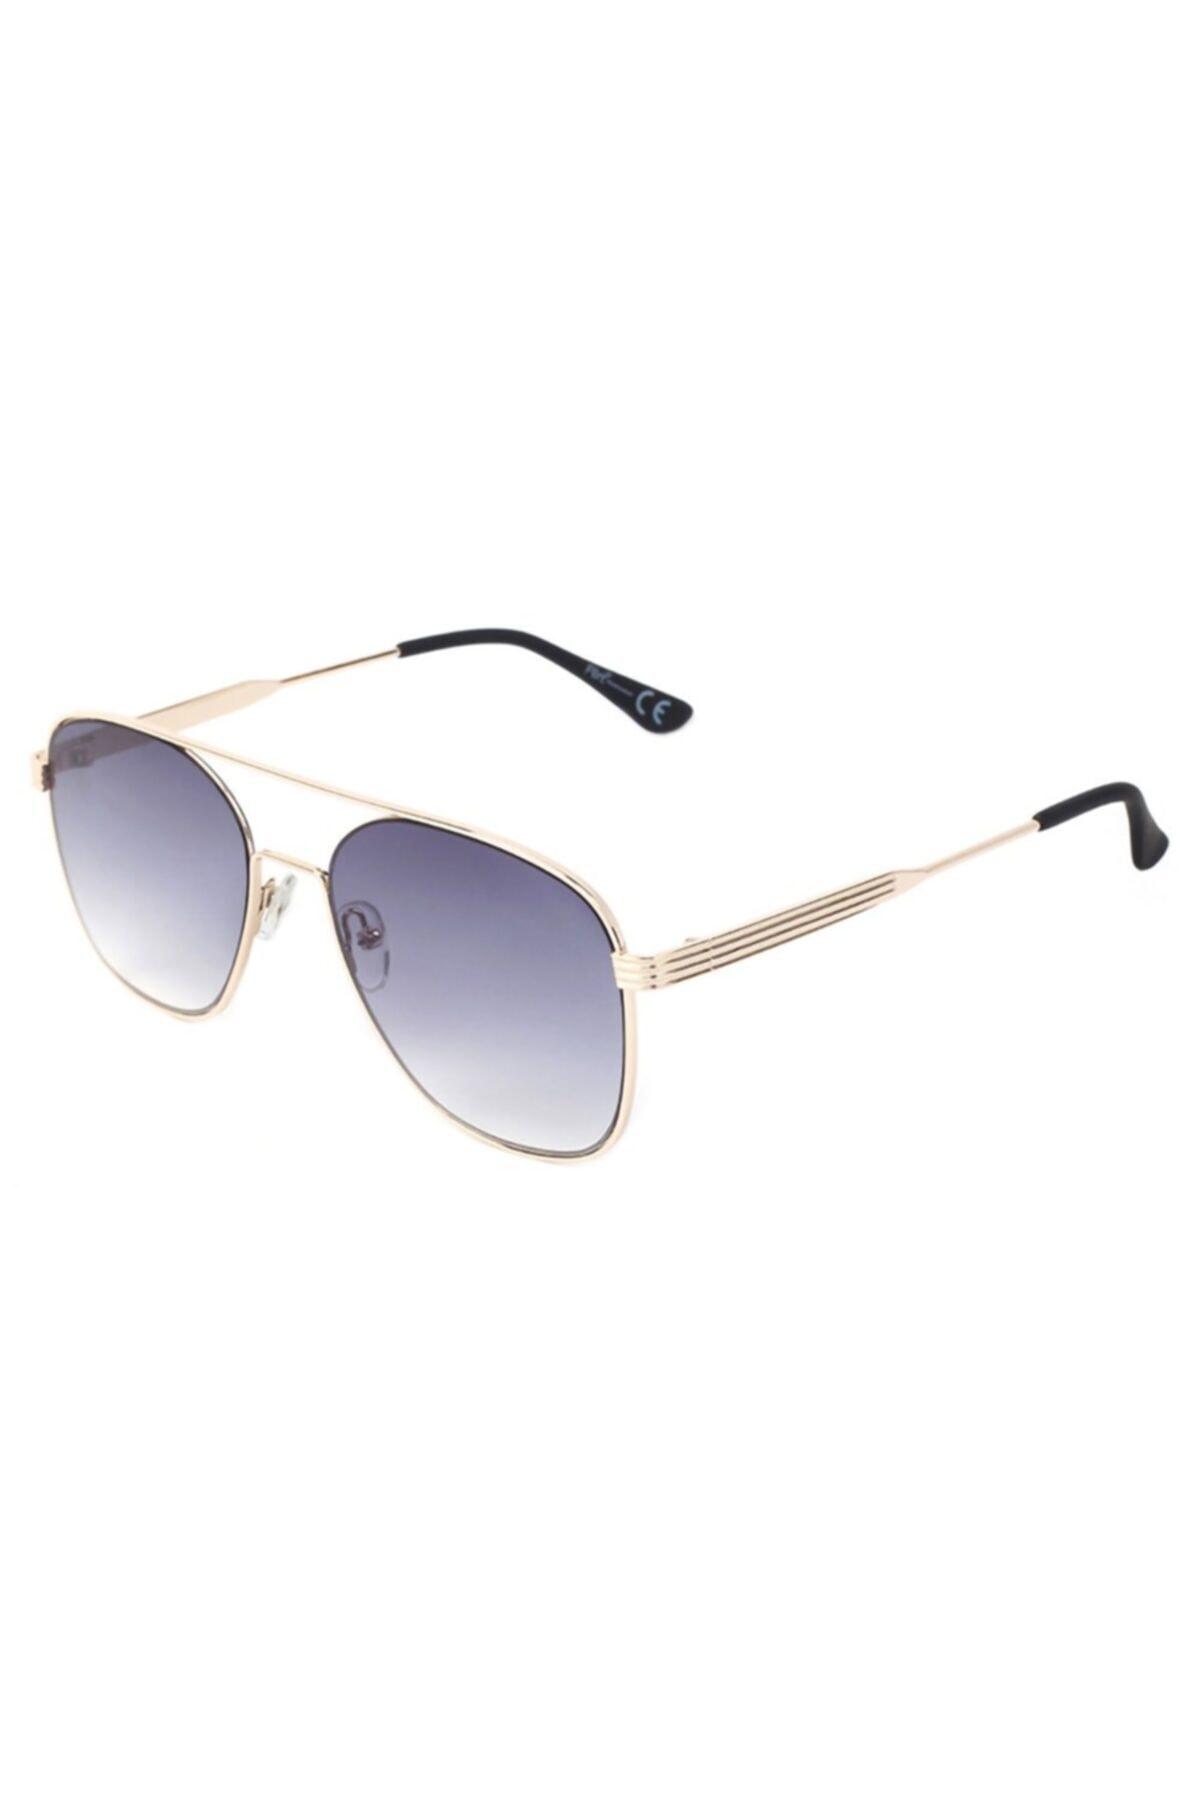 عینک آفتابی مردانه ارزان برند Flirt رنگ زرد ty68136643